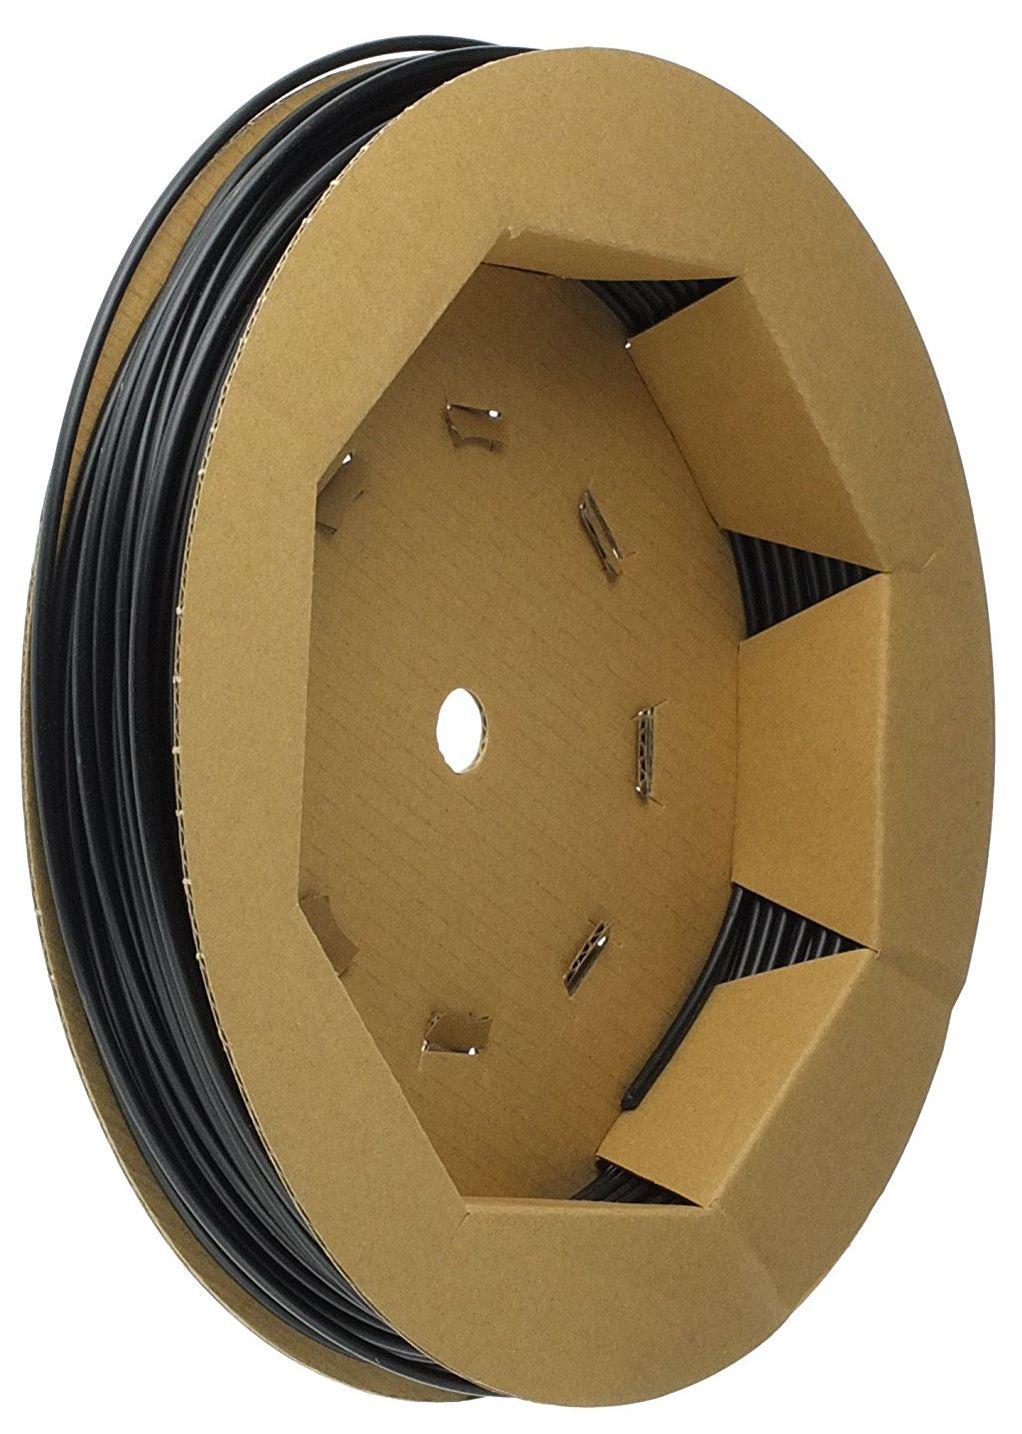 Запчасть Shimano оплетка для переключения SP41 (Y60098580) запчасть shimano оплетка для переключения sp41 50 м